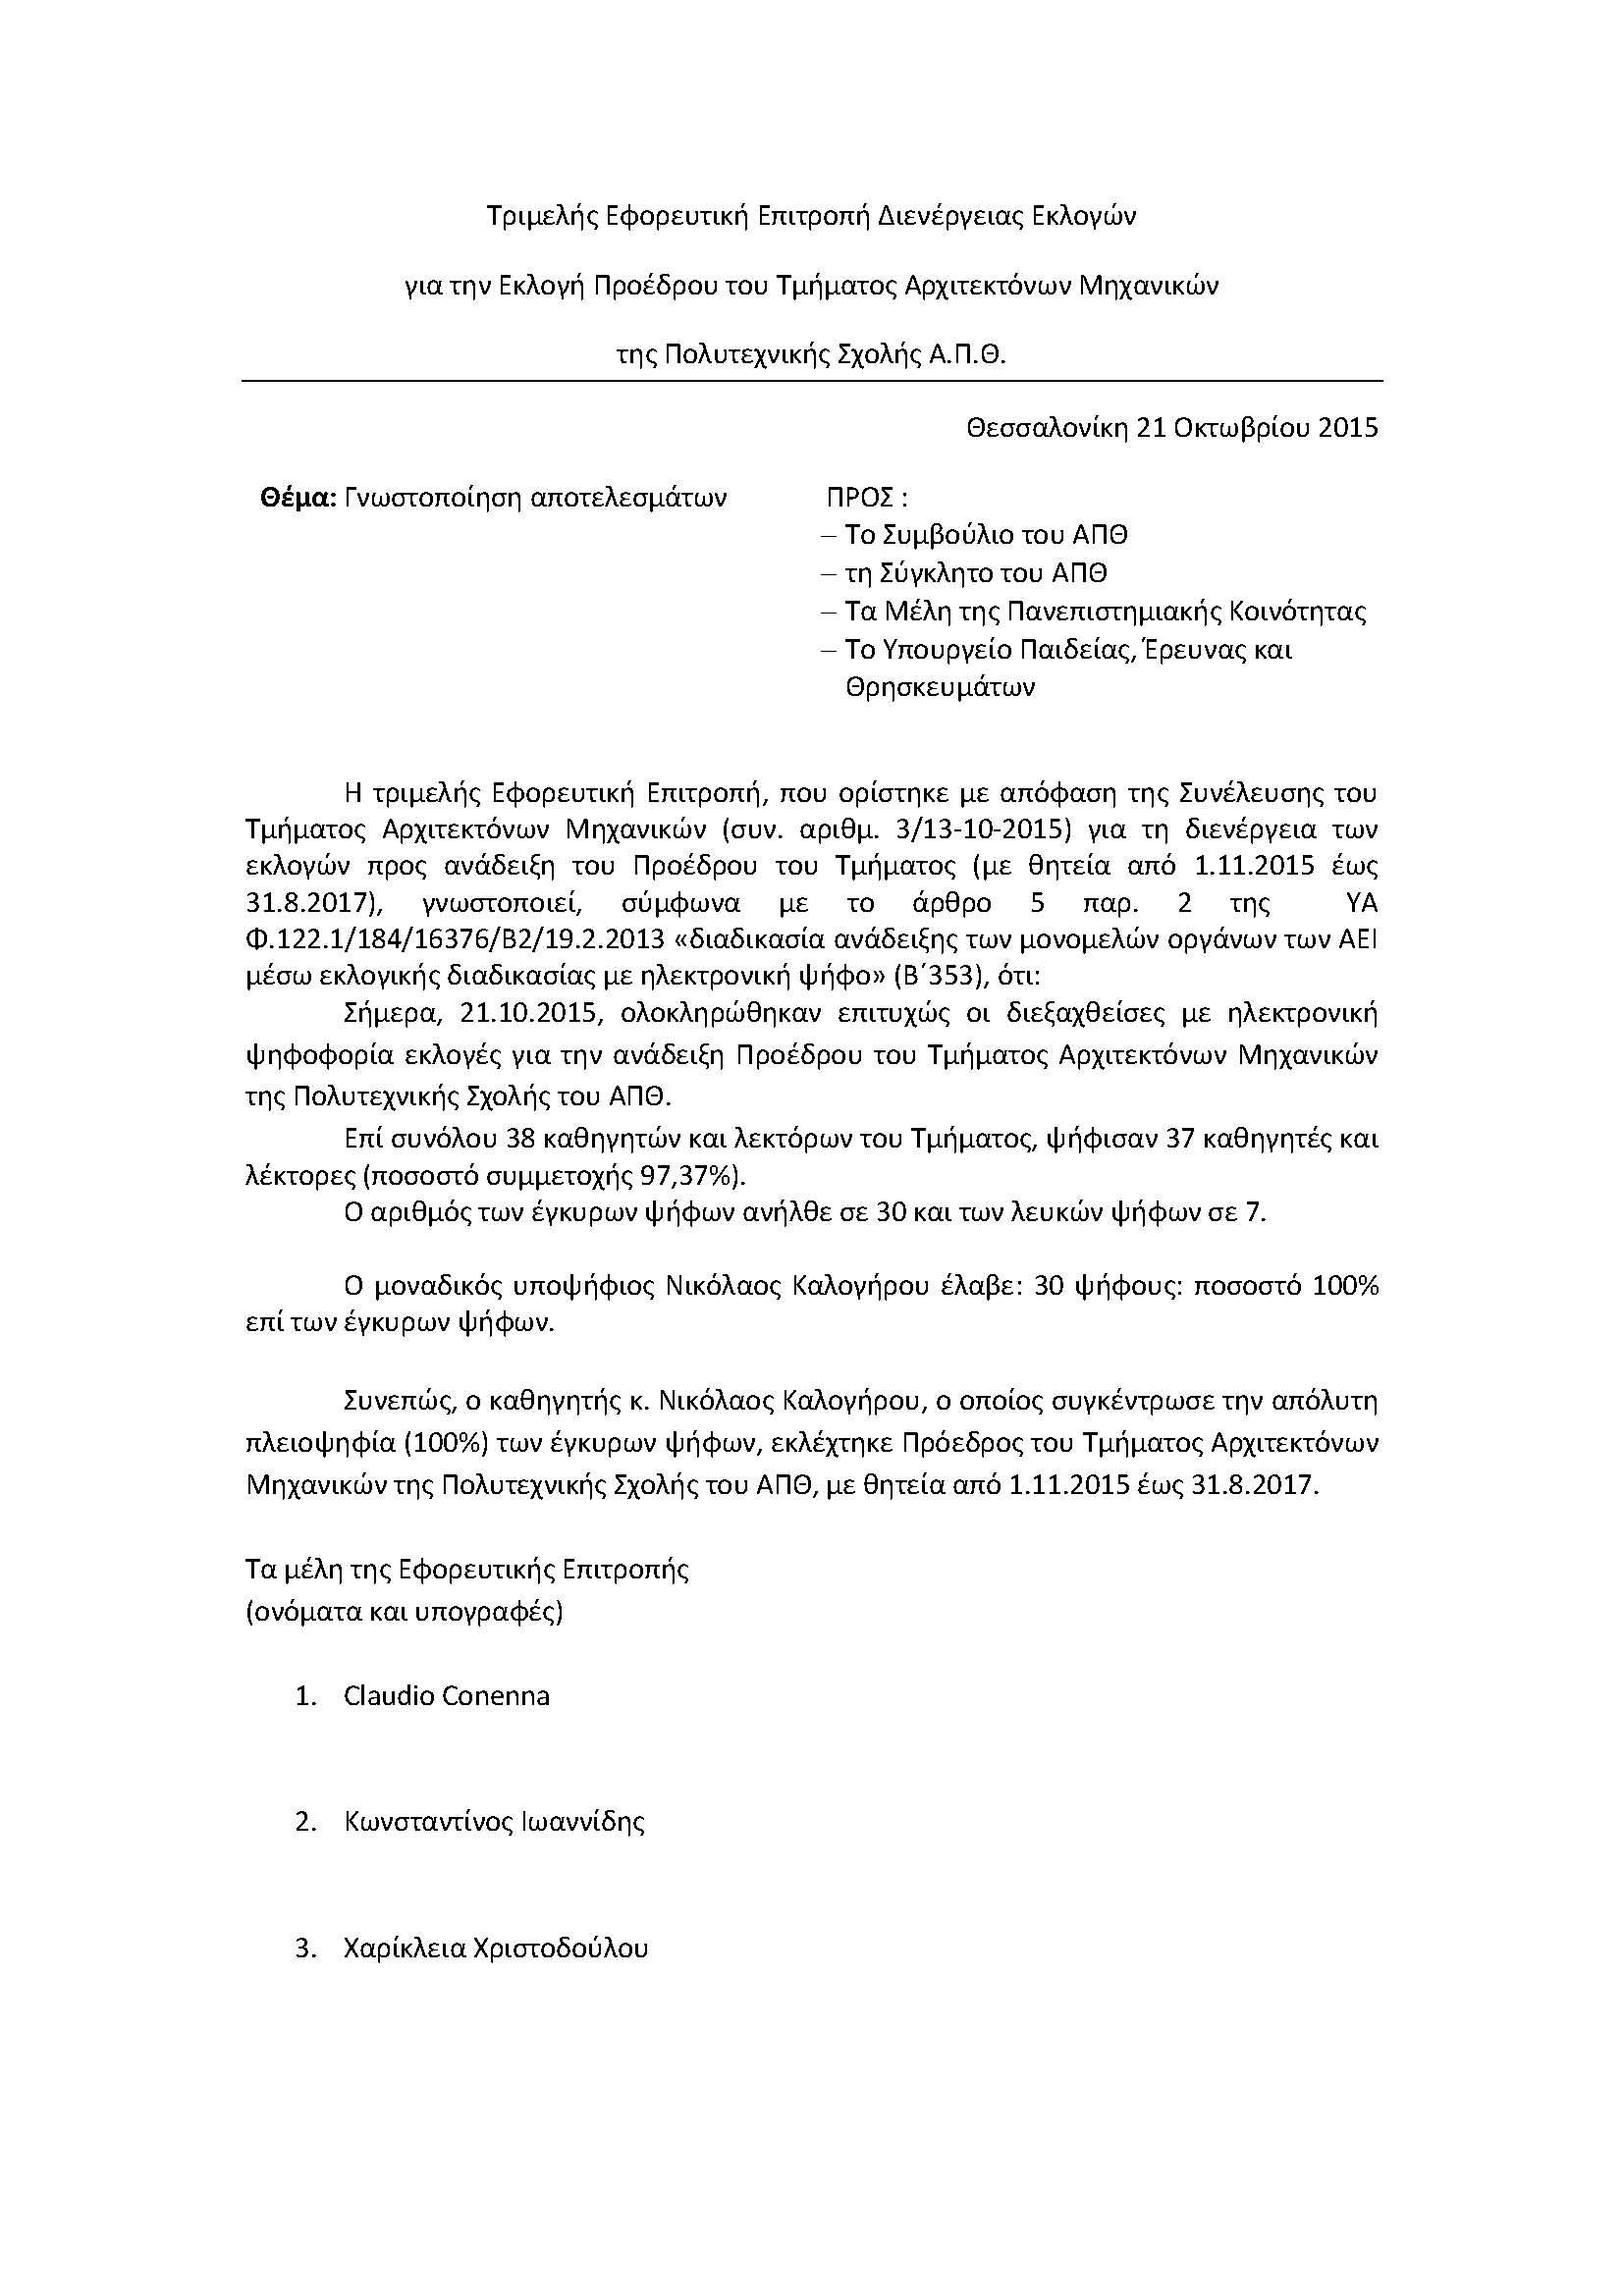 Γνωστοποίηση αποτελεσμάτων ψηφοφορίας ανάδειξης Προέδρου Τμ.Αρχιτεκτόνων Μηχανικών